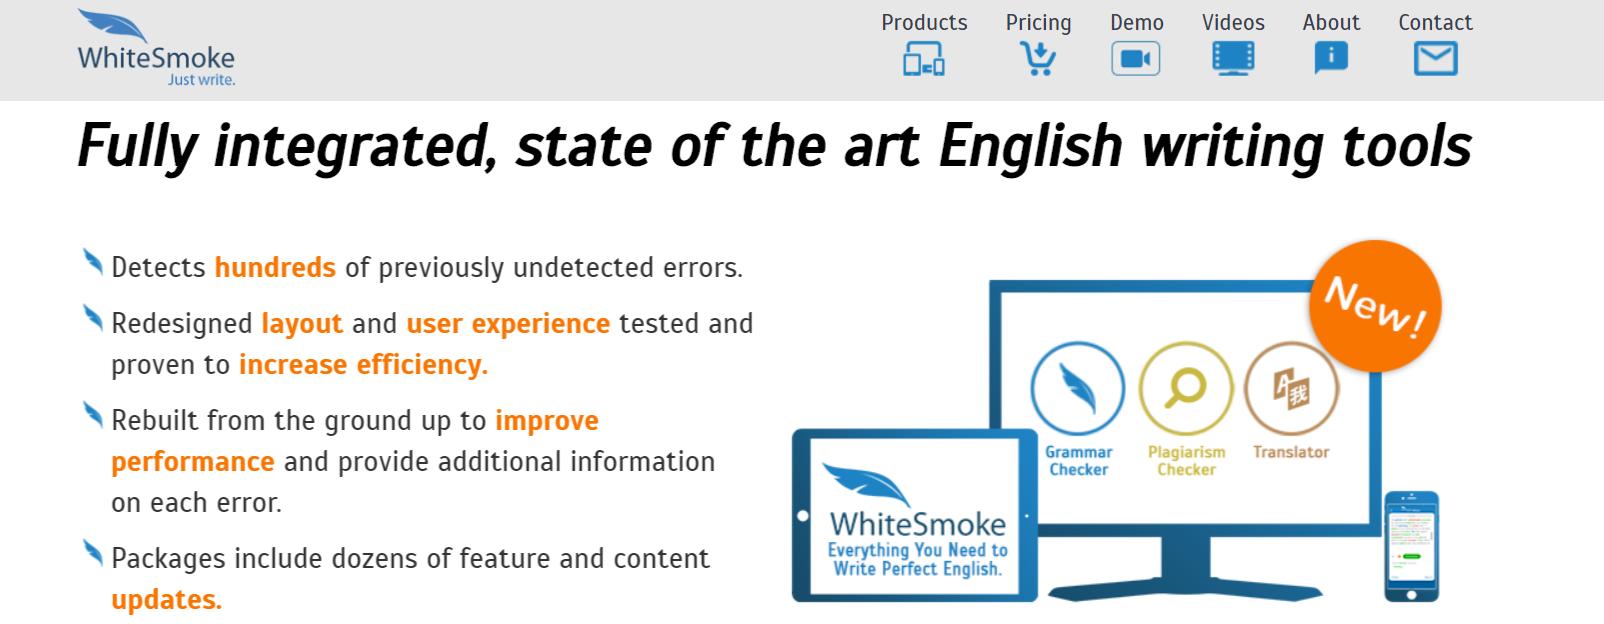 WhiteSmoke Writing Tools